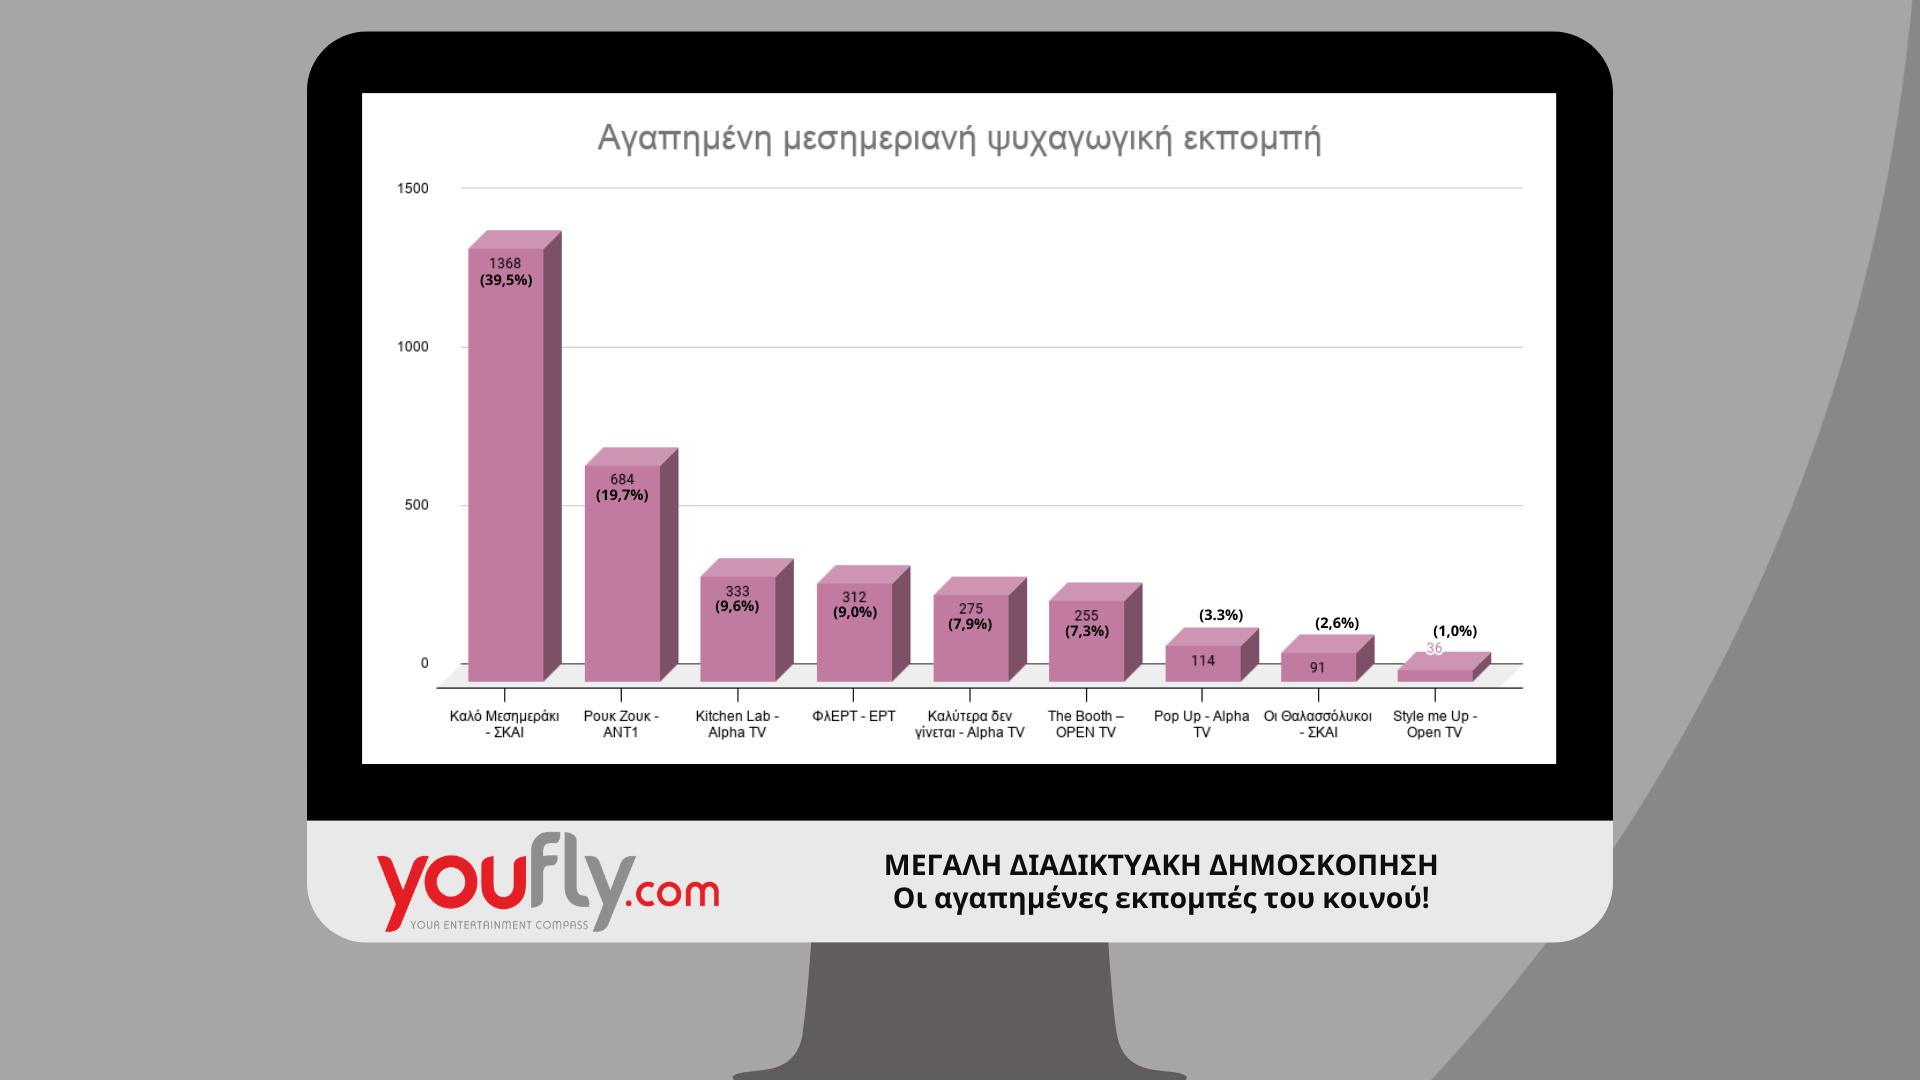 αποτελέσματα δημοσκόπησης σειρές και εκπομπές στην τηλεόραση